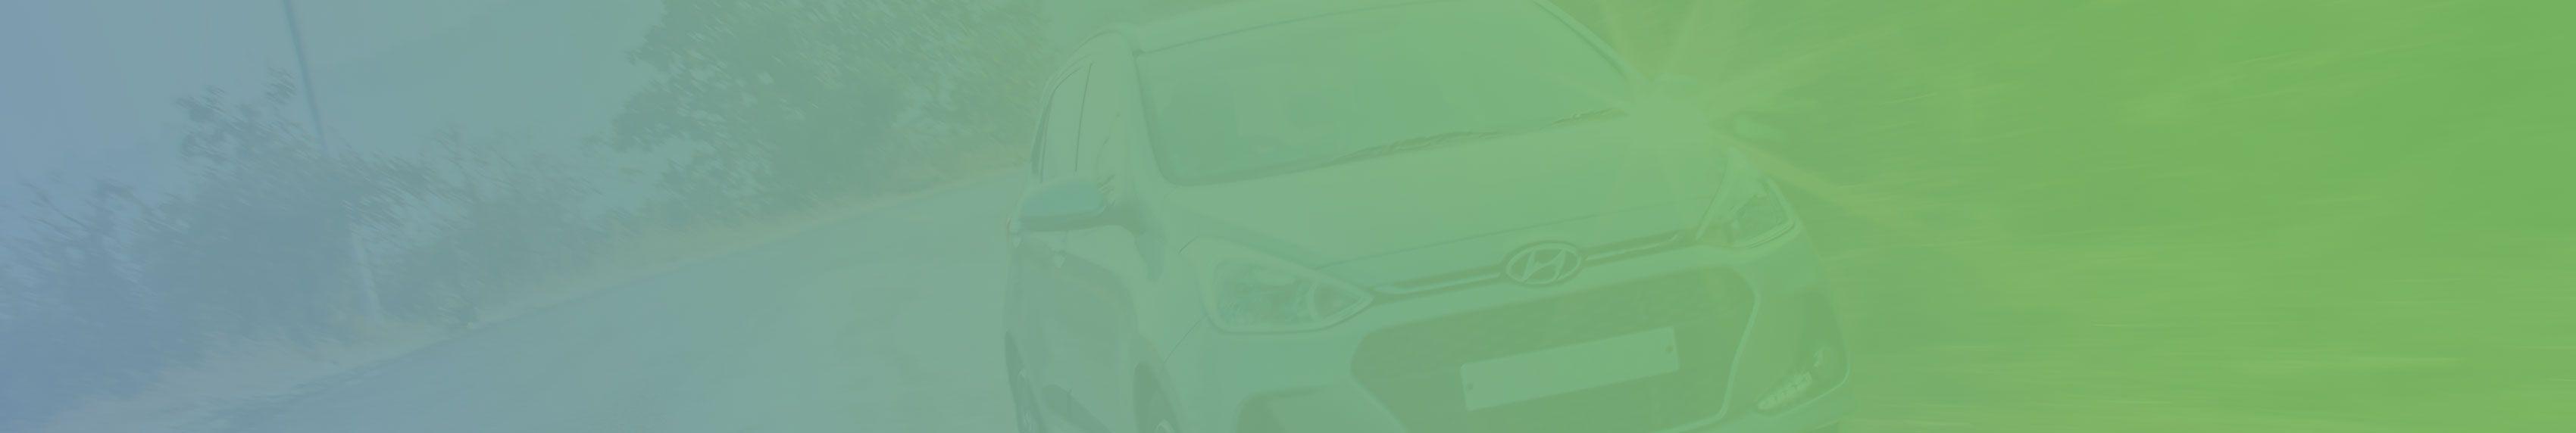 green car on angle